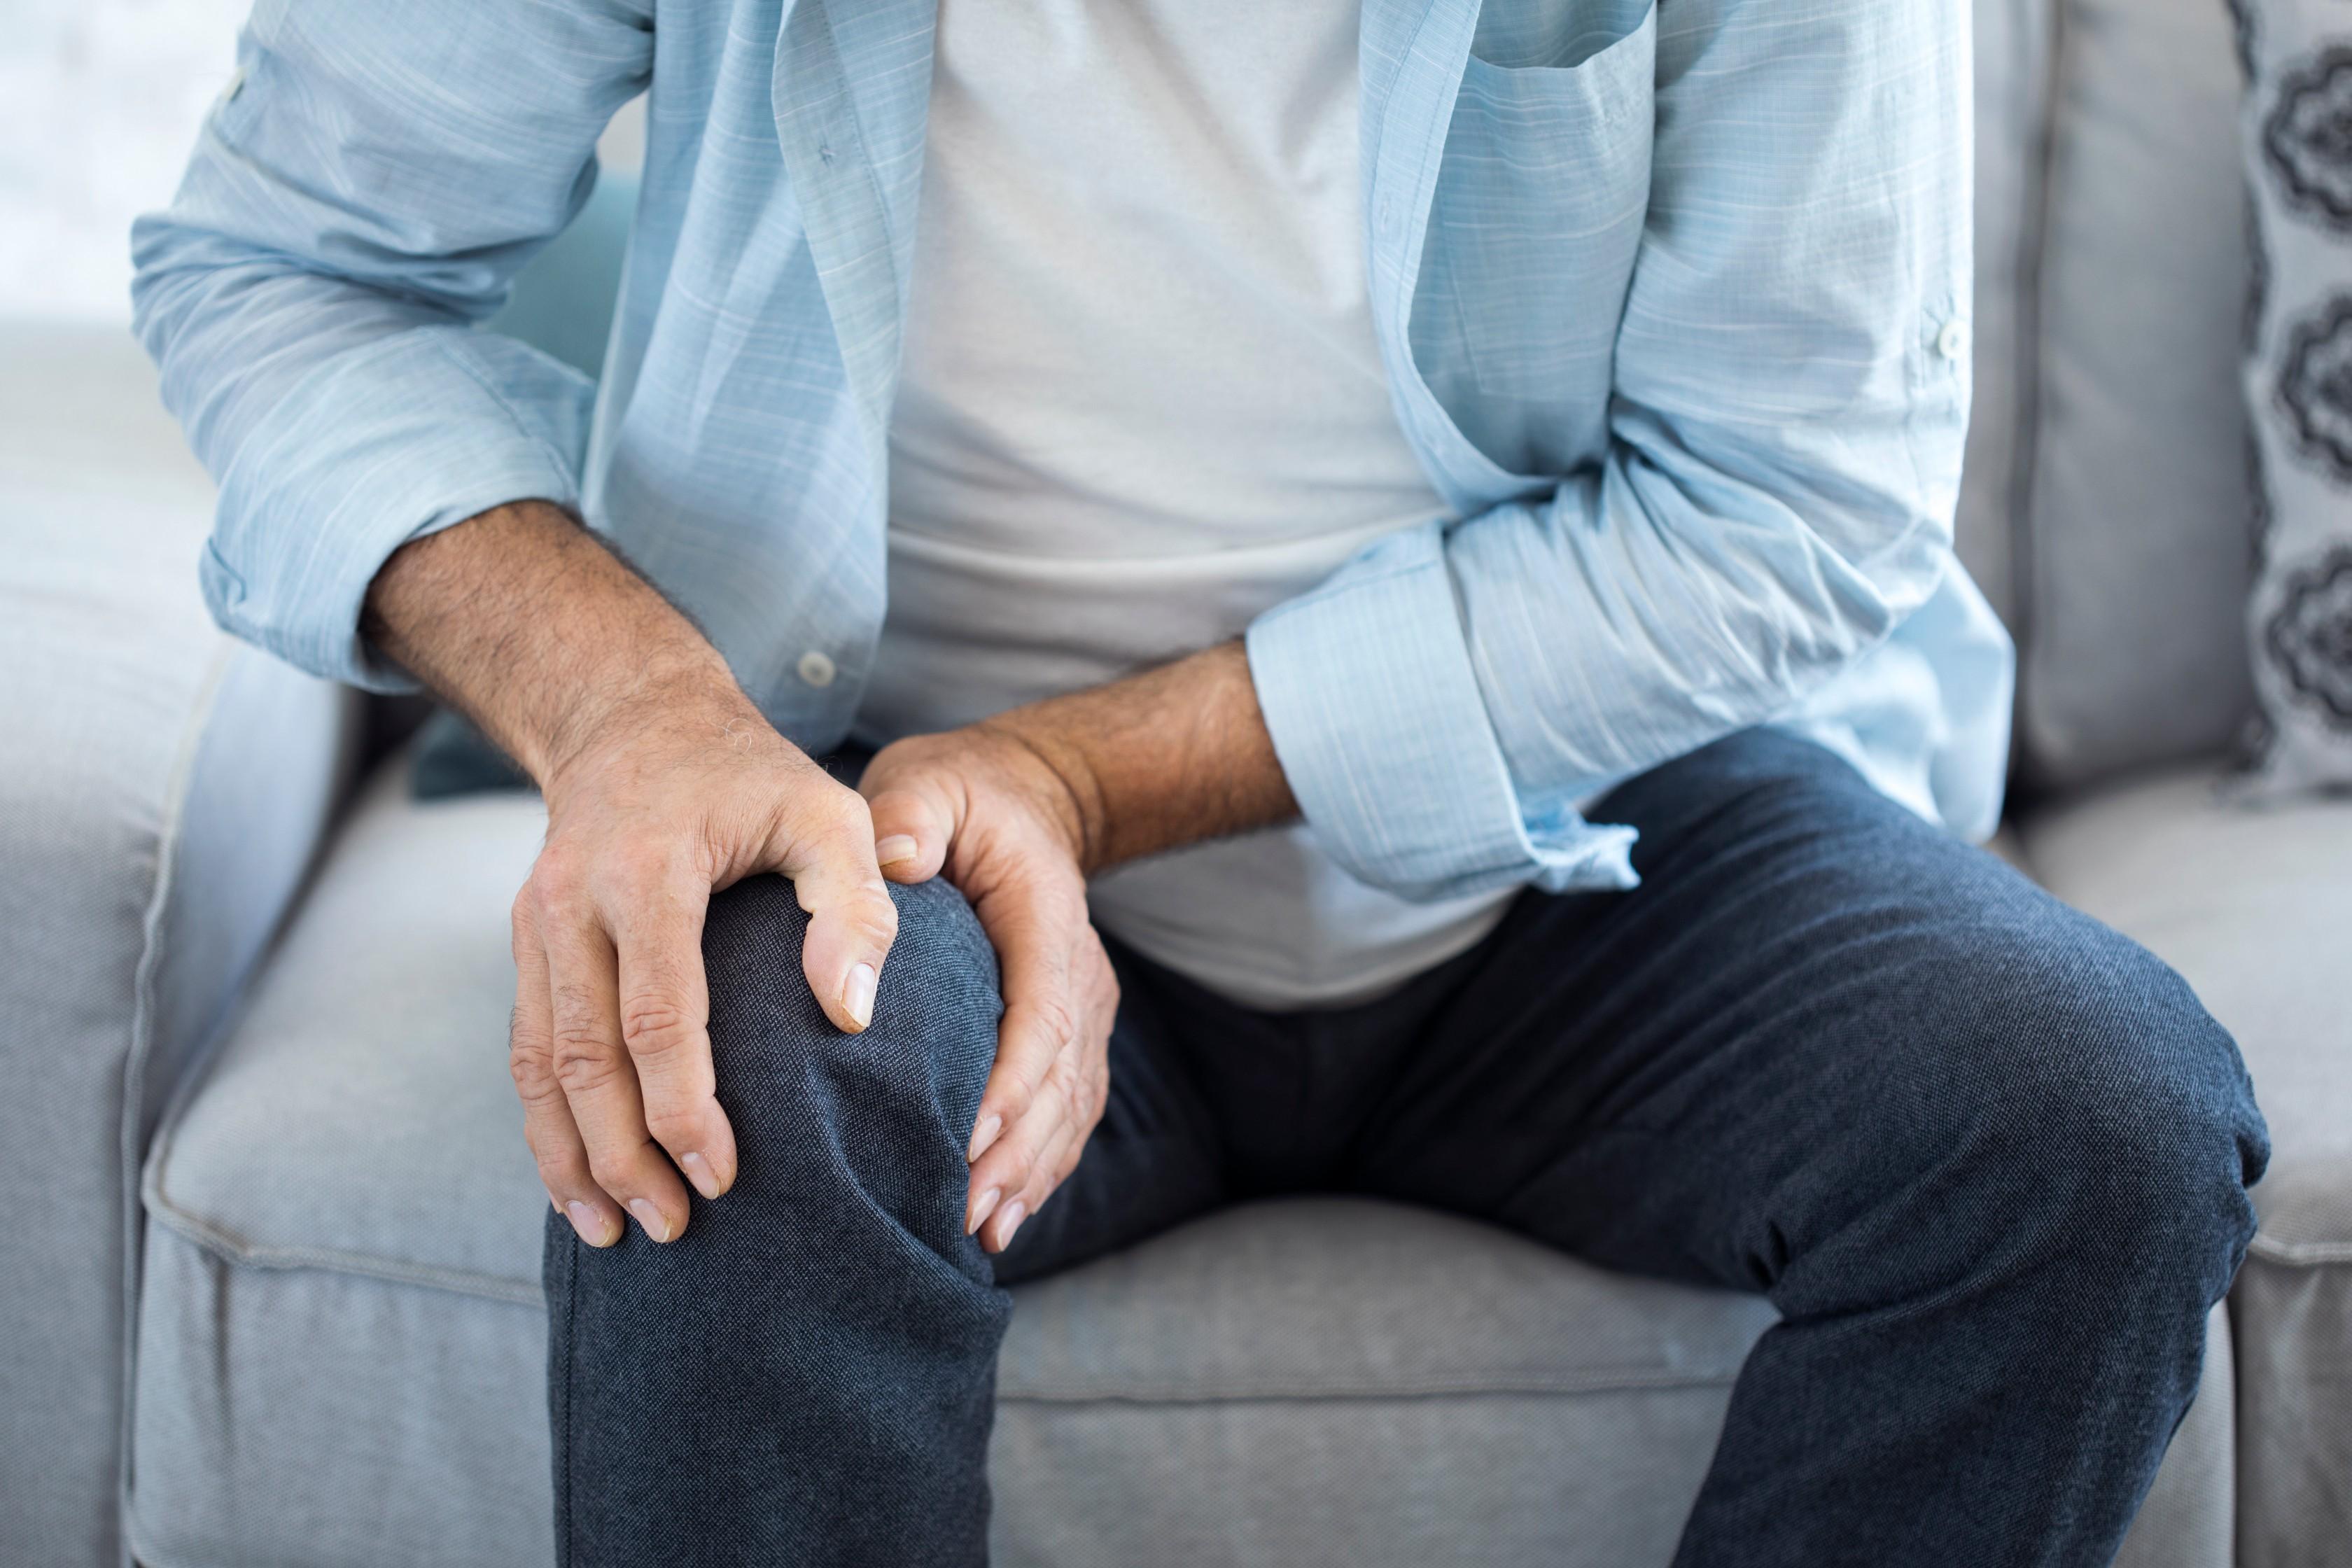 hogyan lehet enyhíteni a fájdalmat az ízület diszlokációjával)